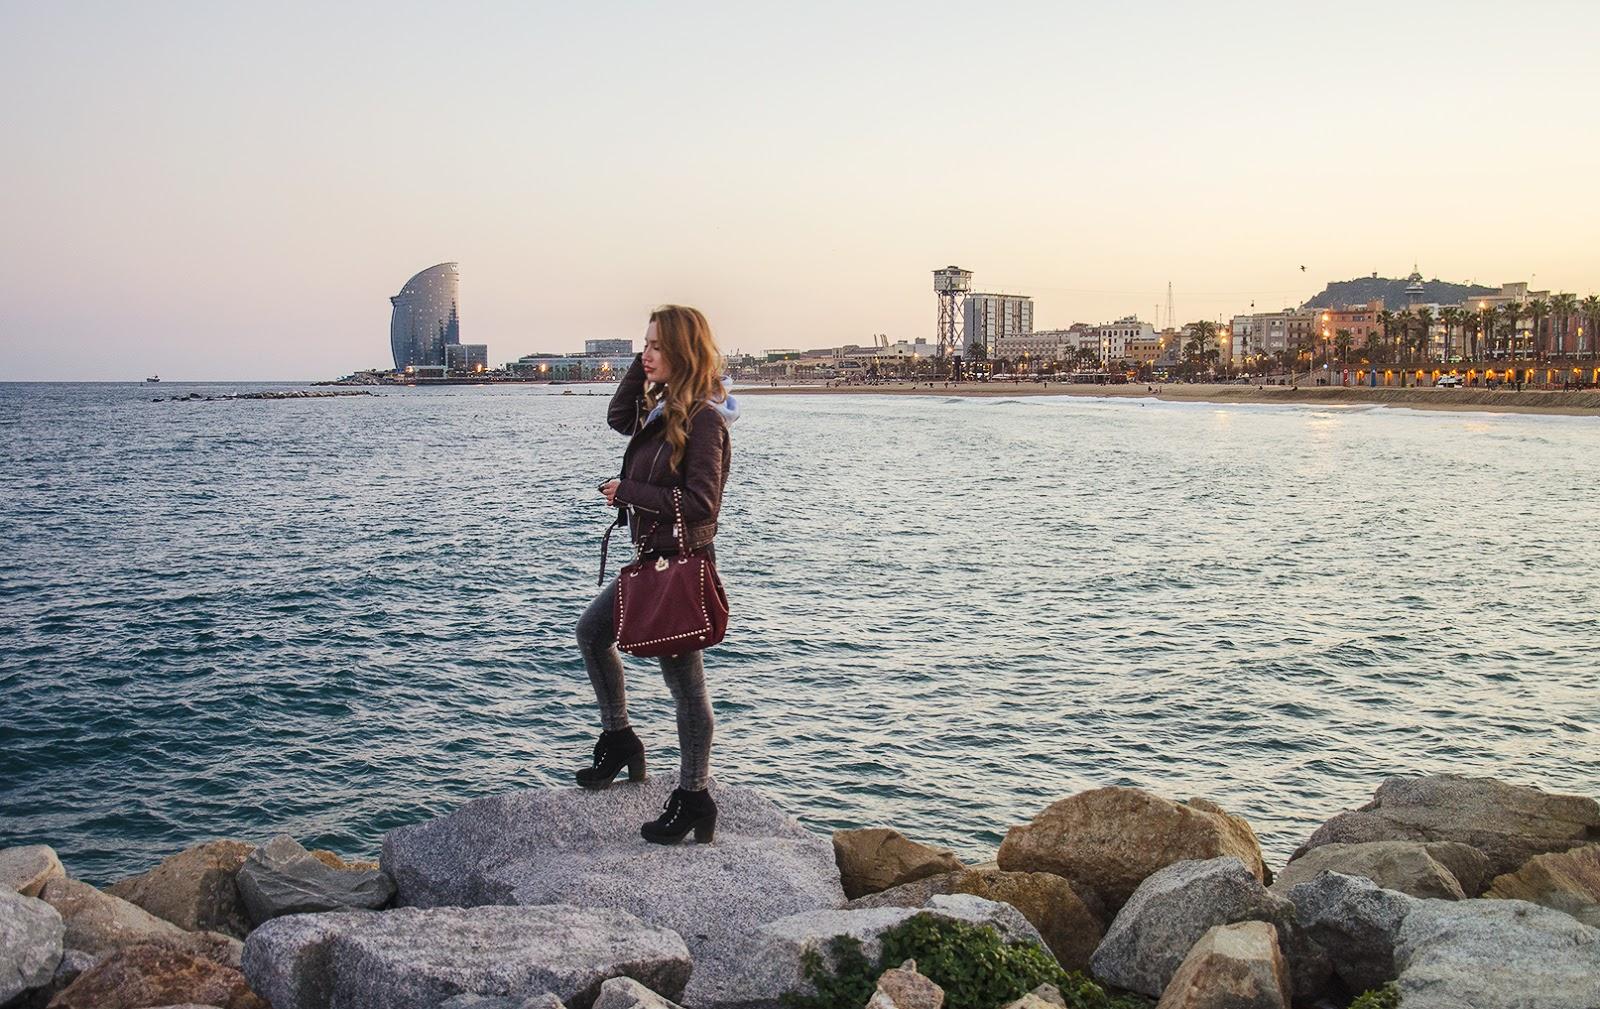 побережье барселоны, барселона город в испании пляж, пляжи барселоны фото, пляжи барселоны